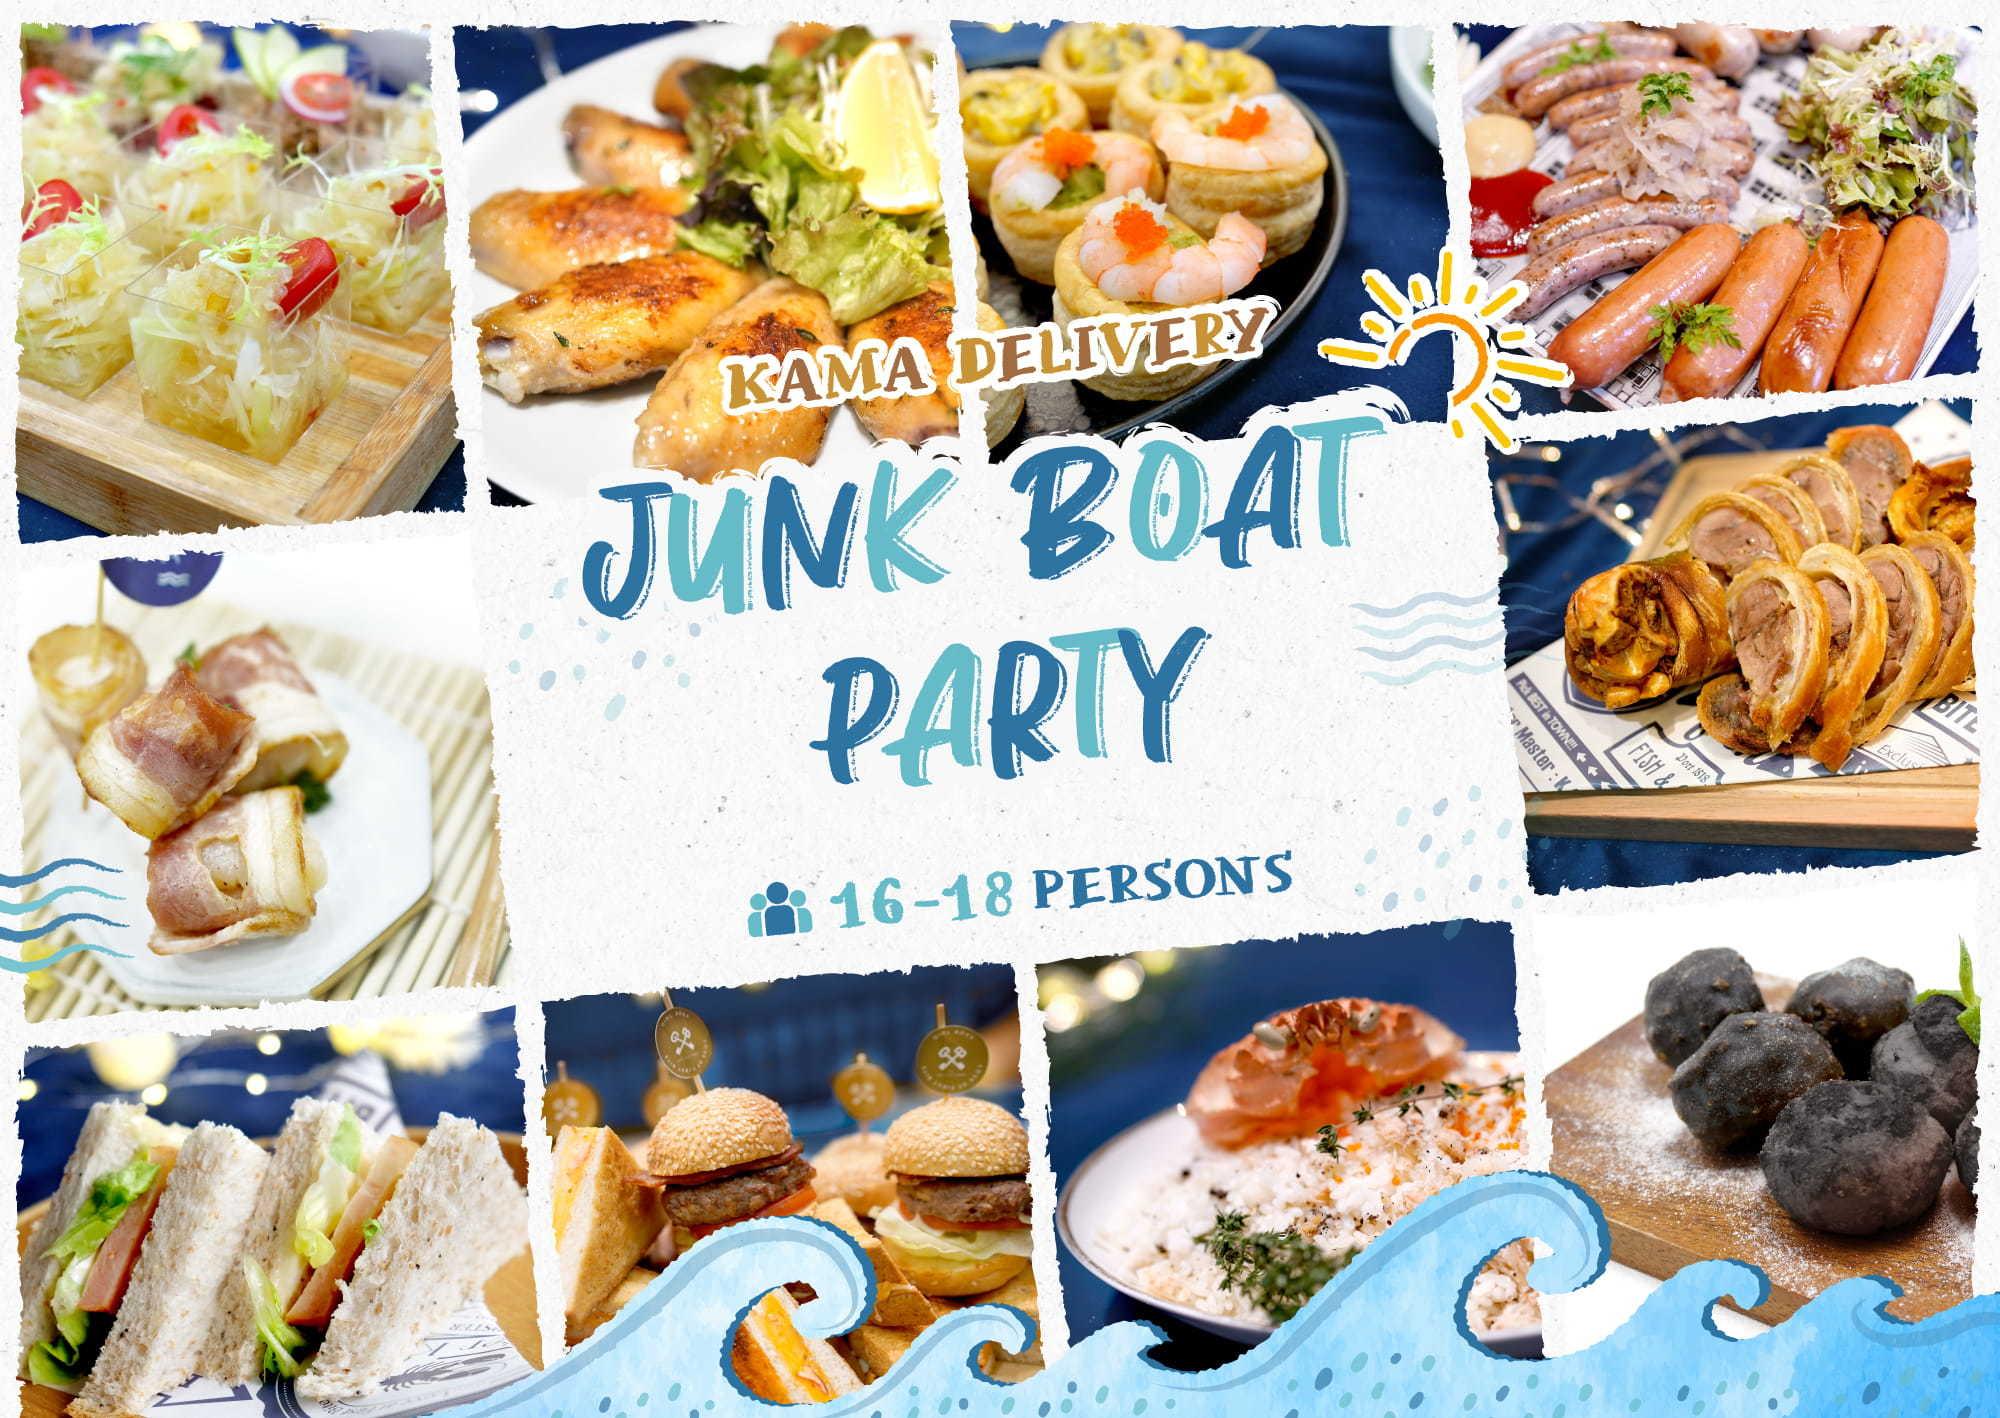 船河外賣推介|Kamadelivery推出的Junk Boat Party Set 食物份量適合16-18人的船P/船河到會派對享用,並可按需要調整食物份量及種類。